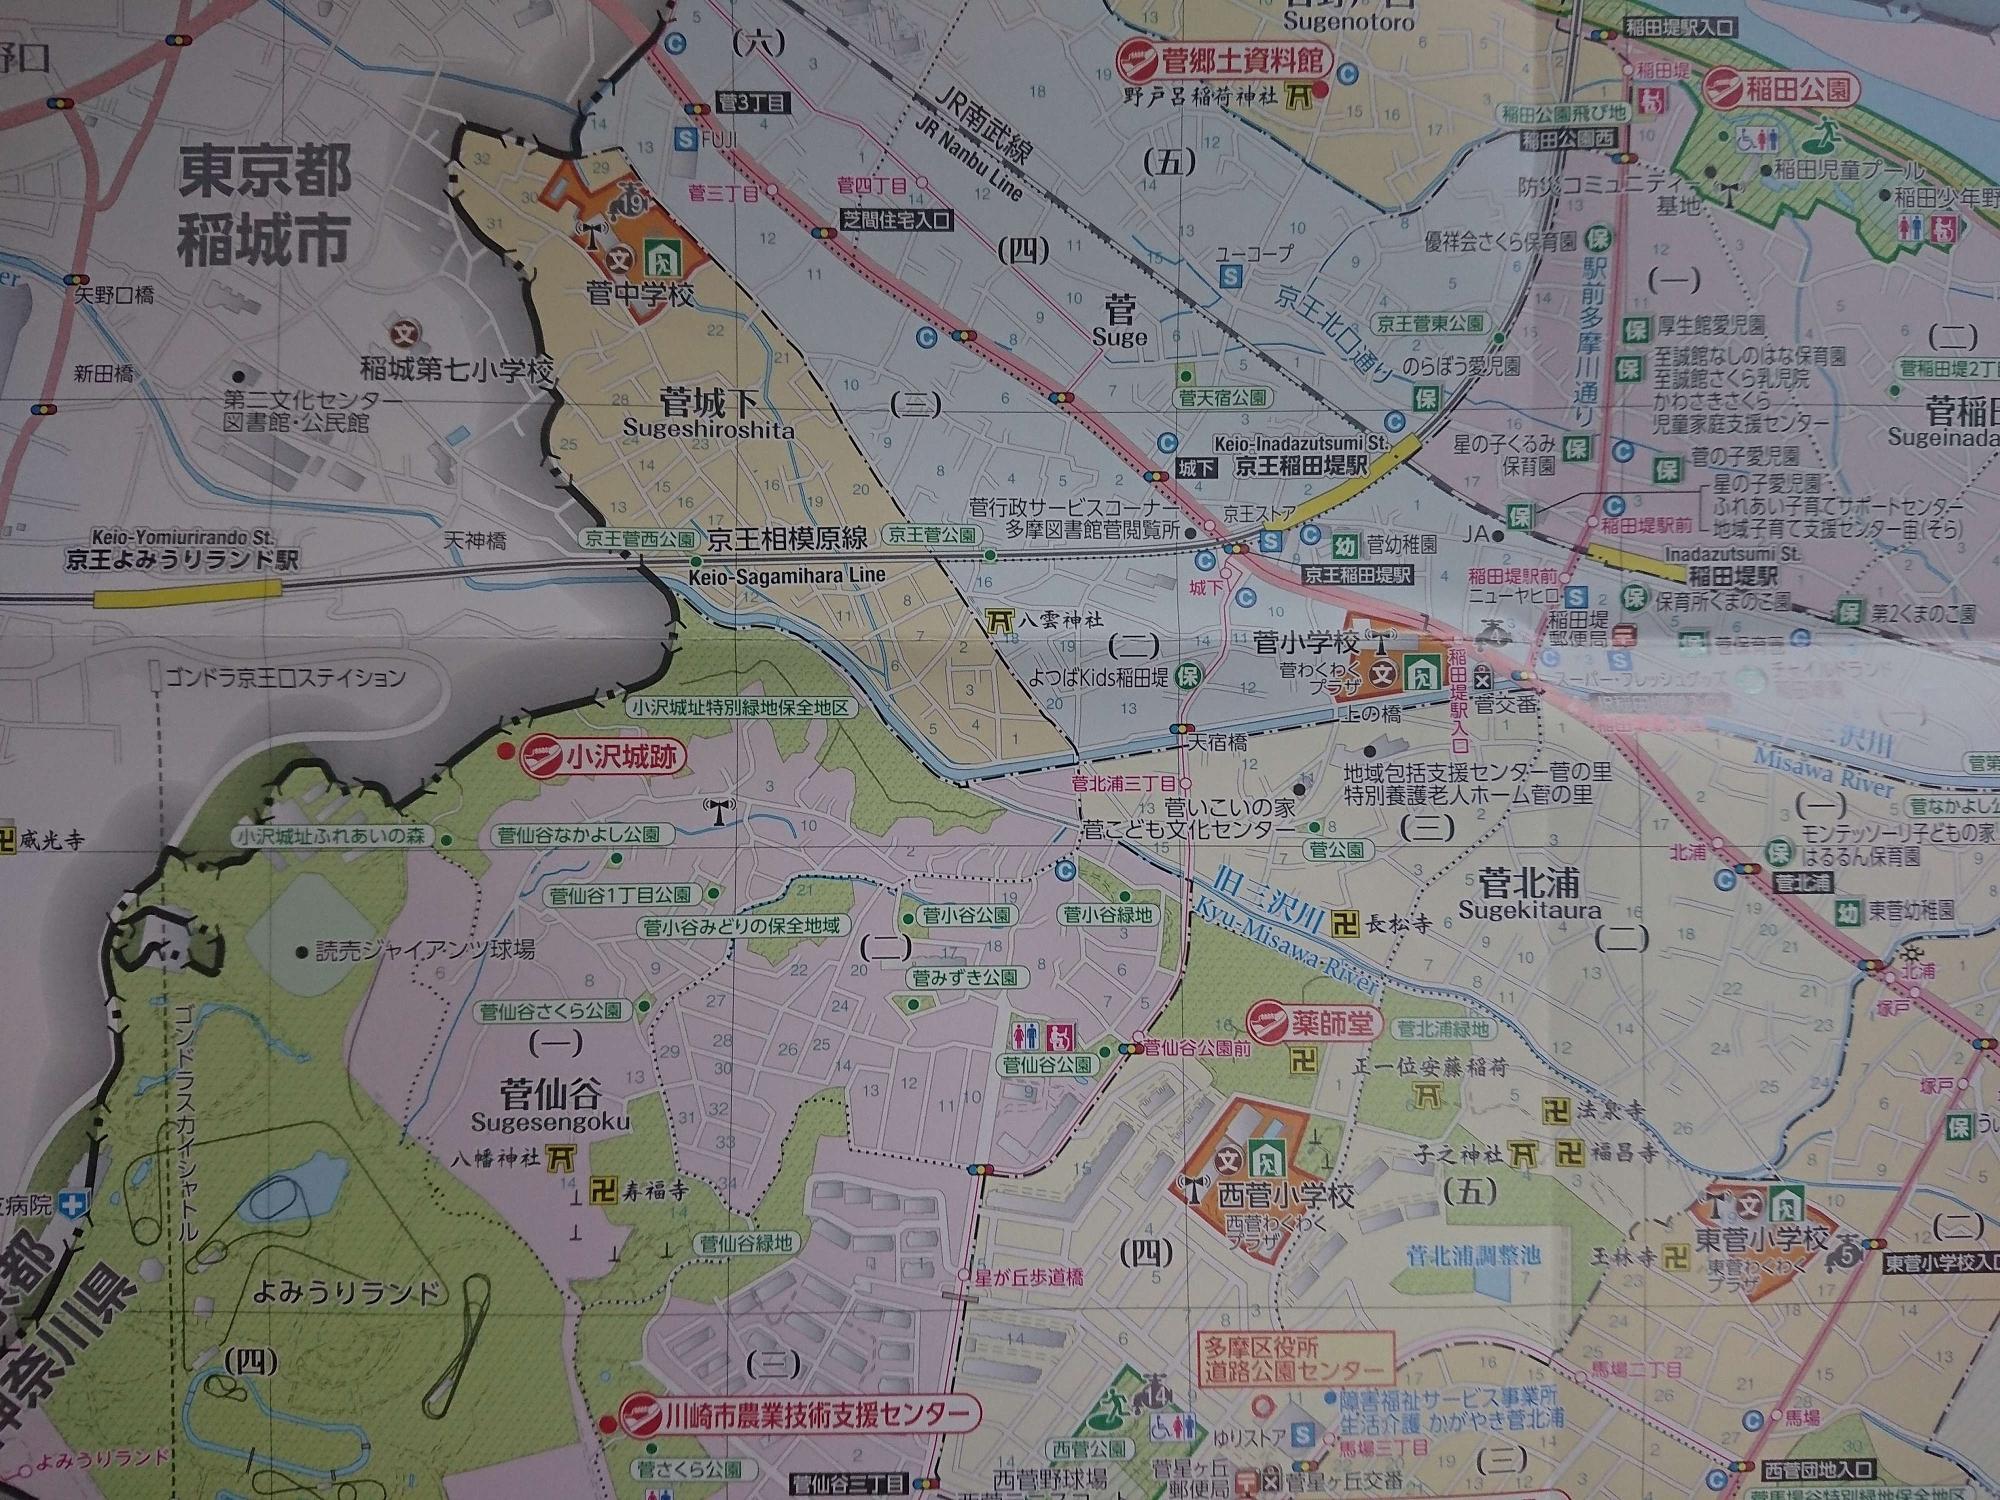 多摩区ガイドマップの一部を写真撮影